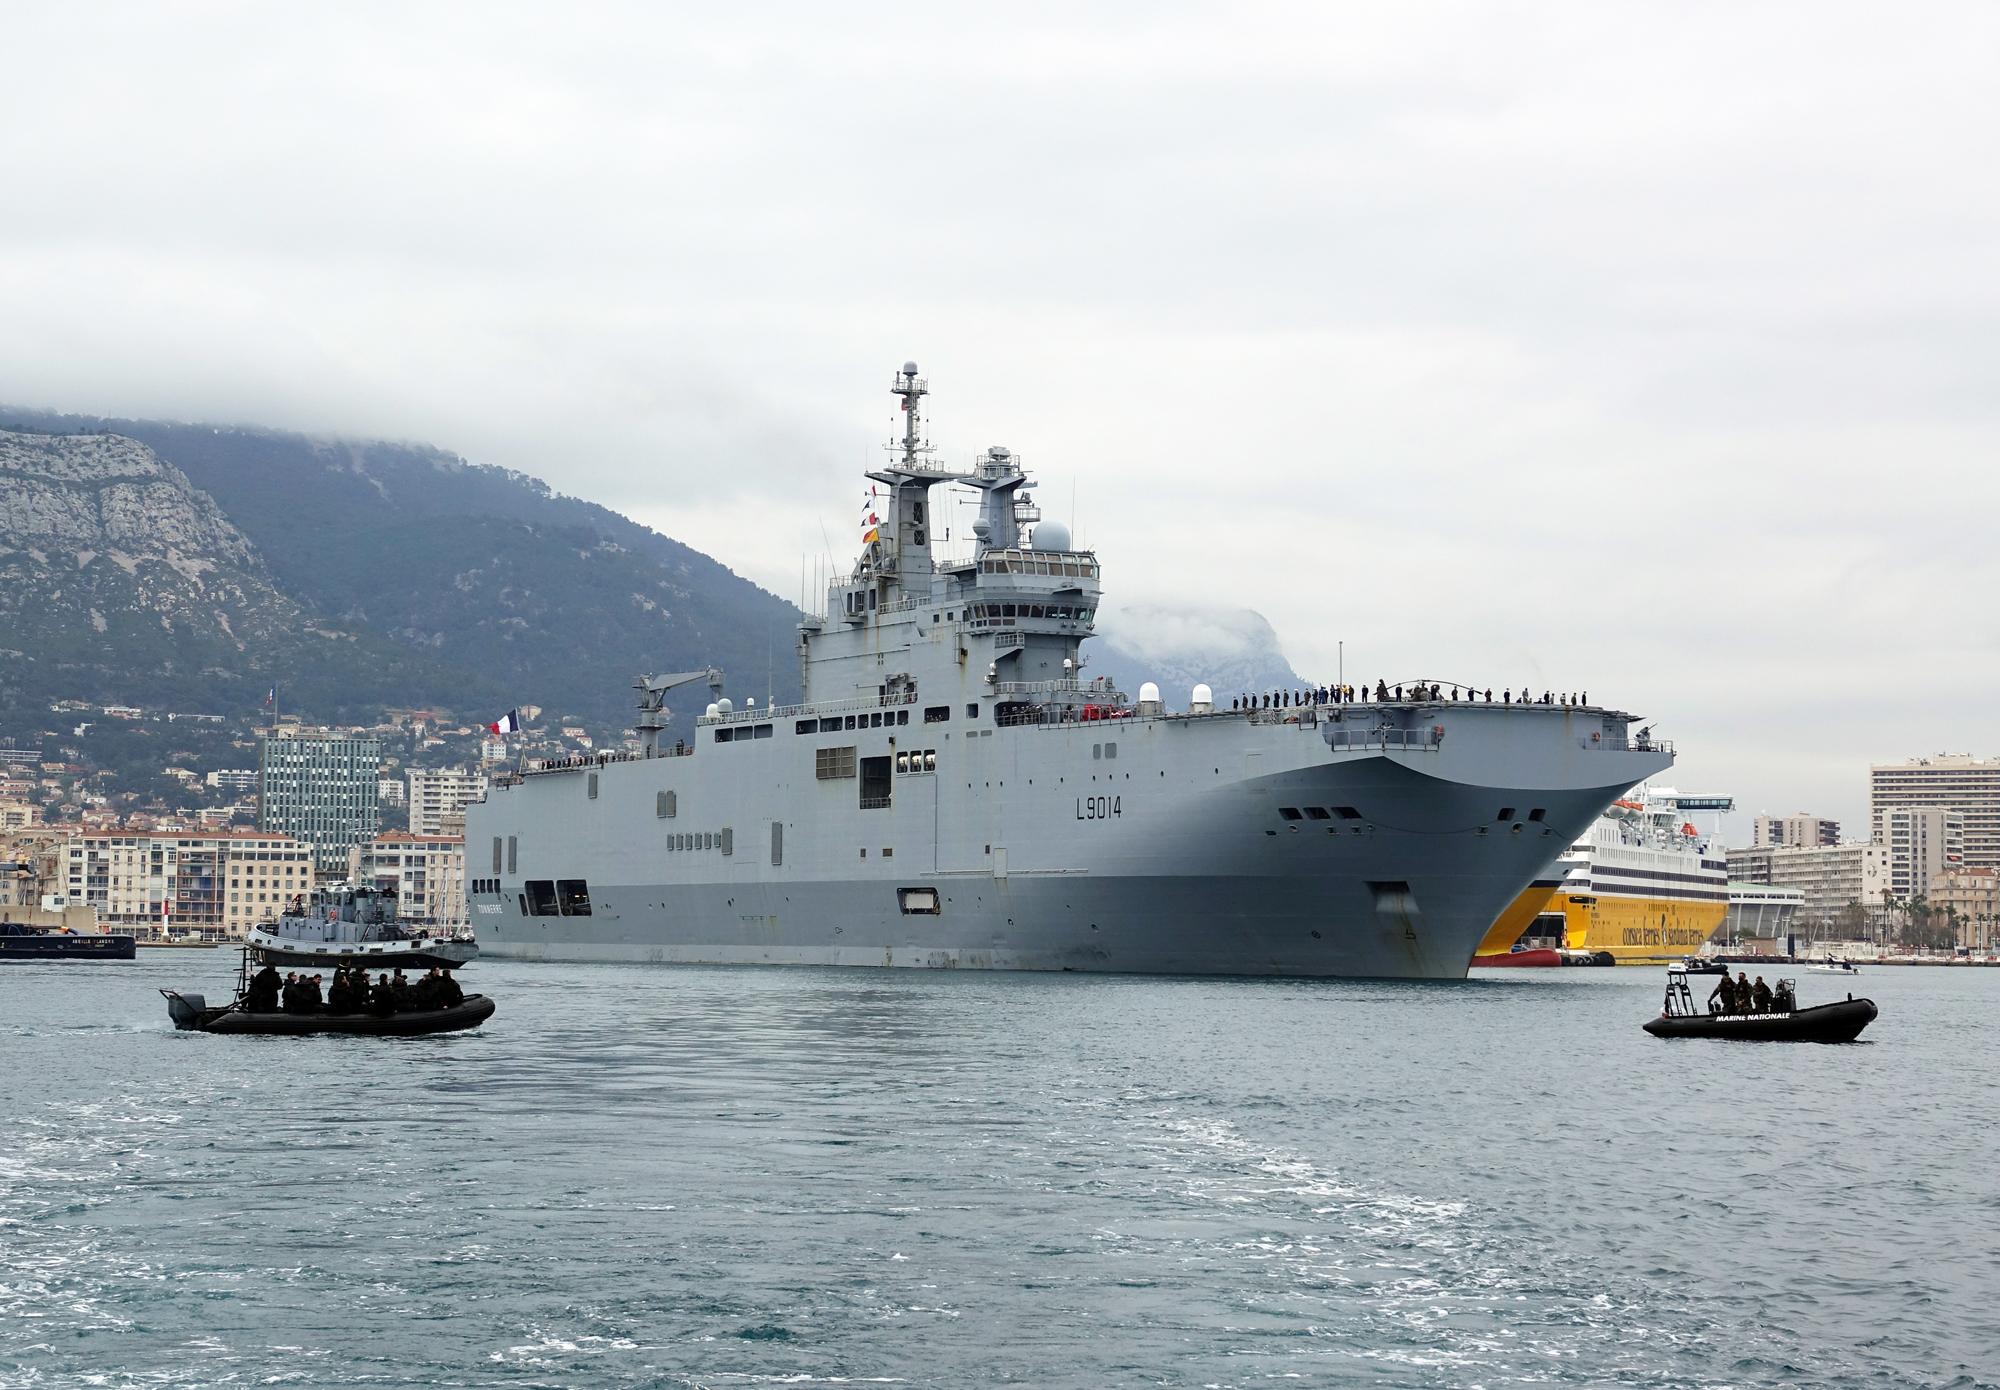 Le porte-hélicoptères amphibie Tonnerre est parti de Toulon pour une mission en mer de Chine du Sud, le 18 février 2021. (Source : Mer et Marine)